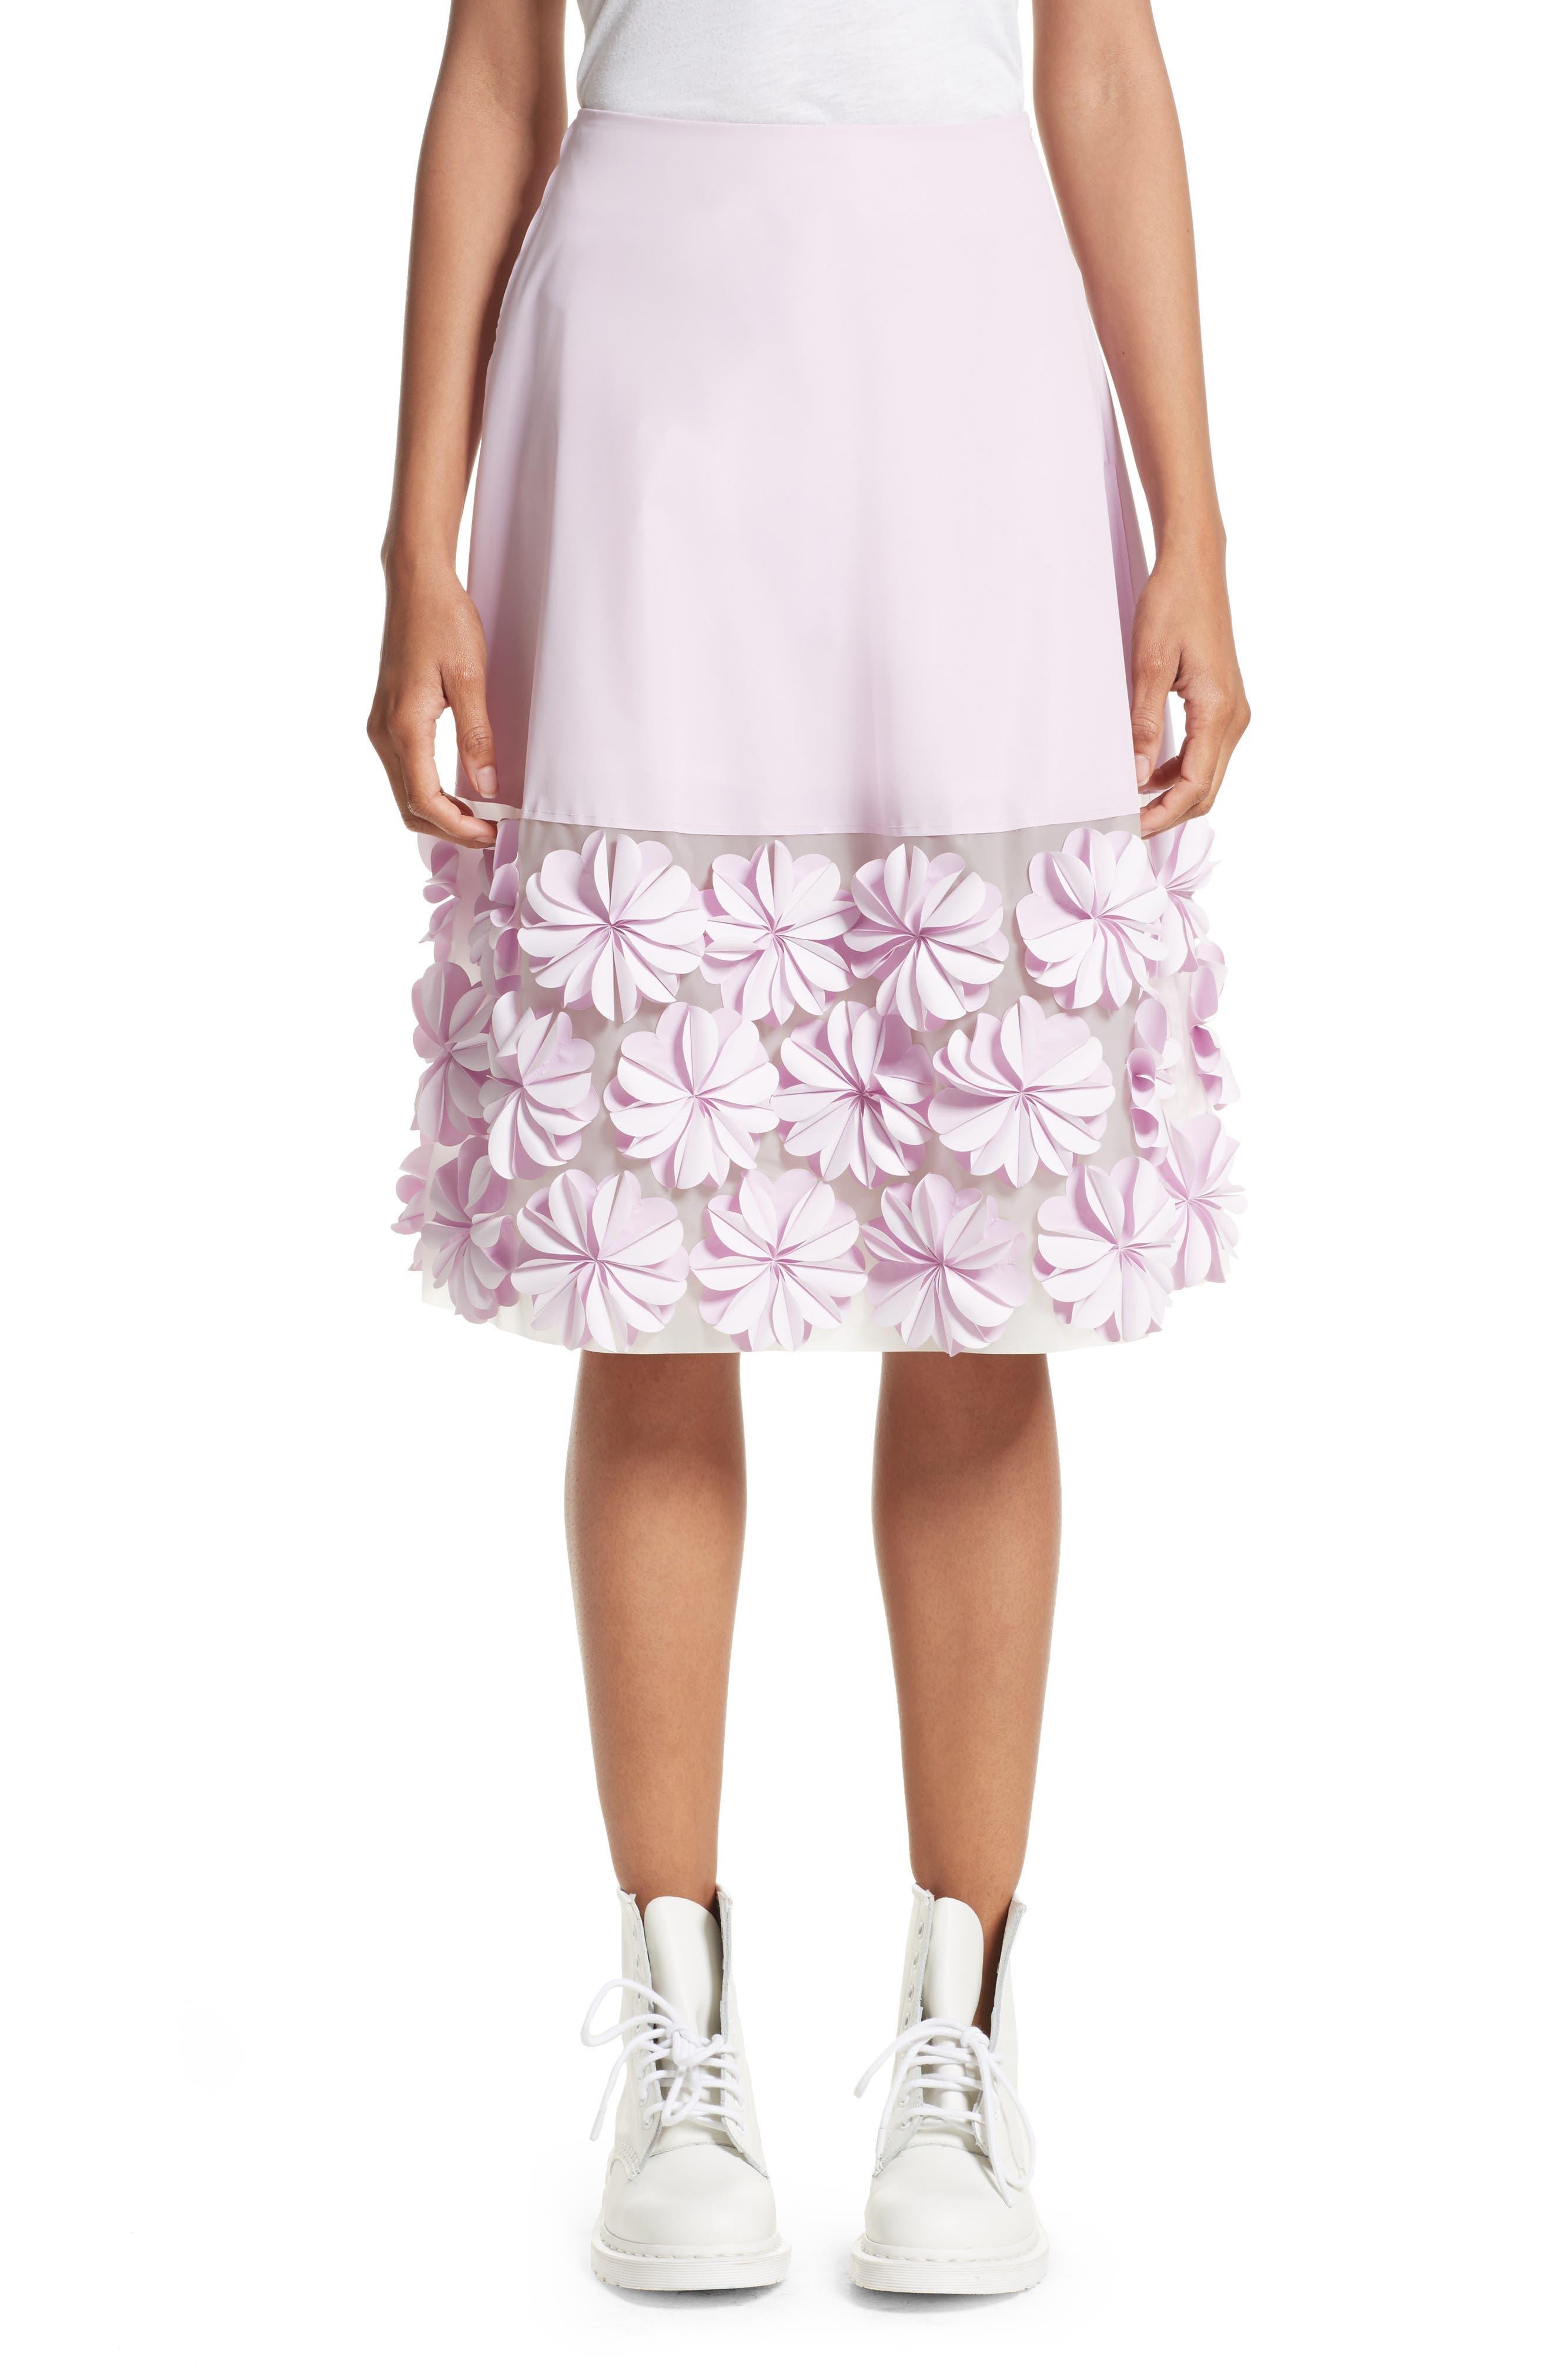 PASKAL Reflective Floral Appliqué Skirt